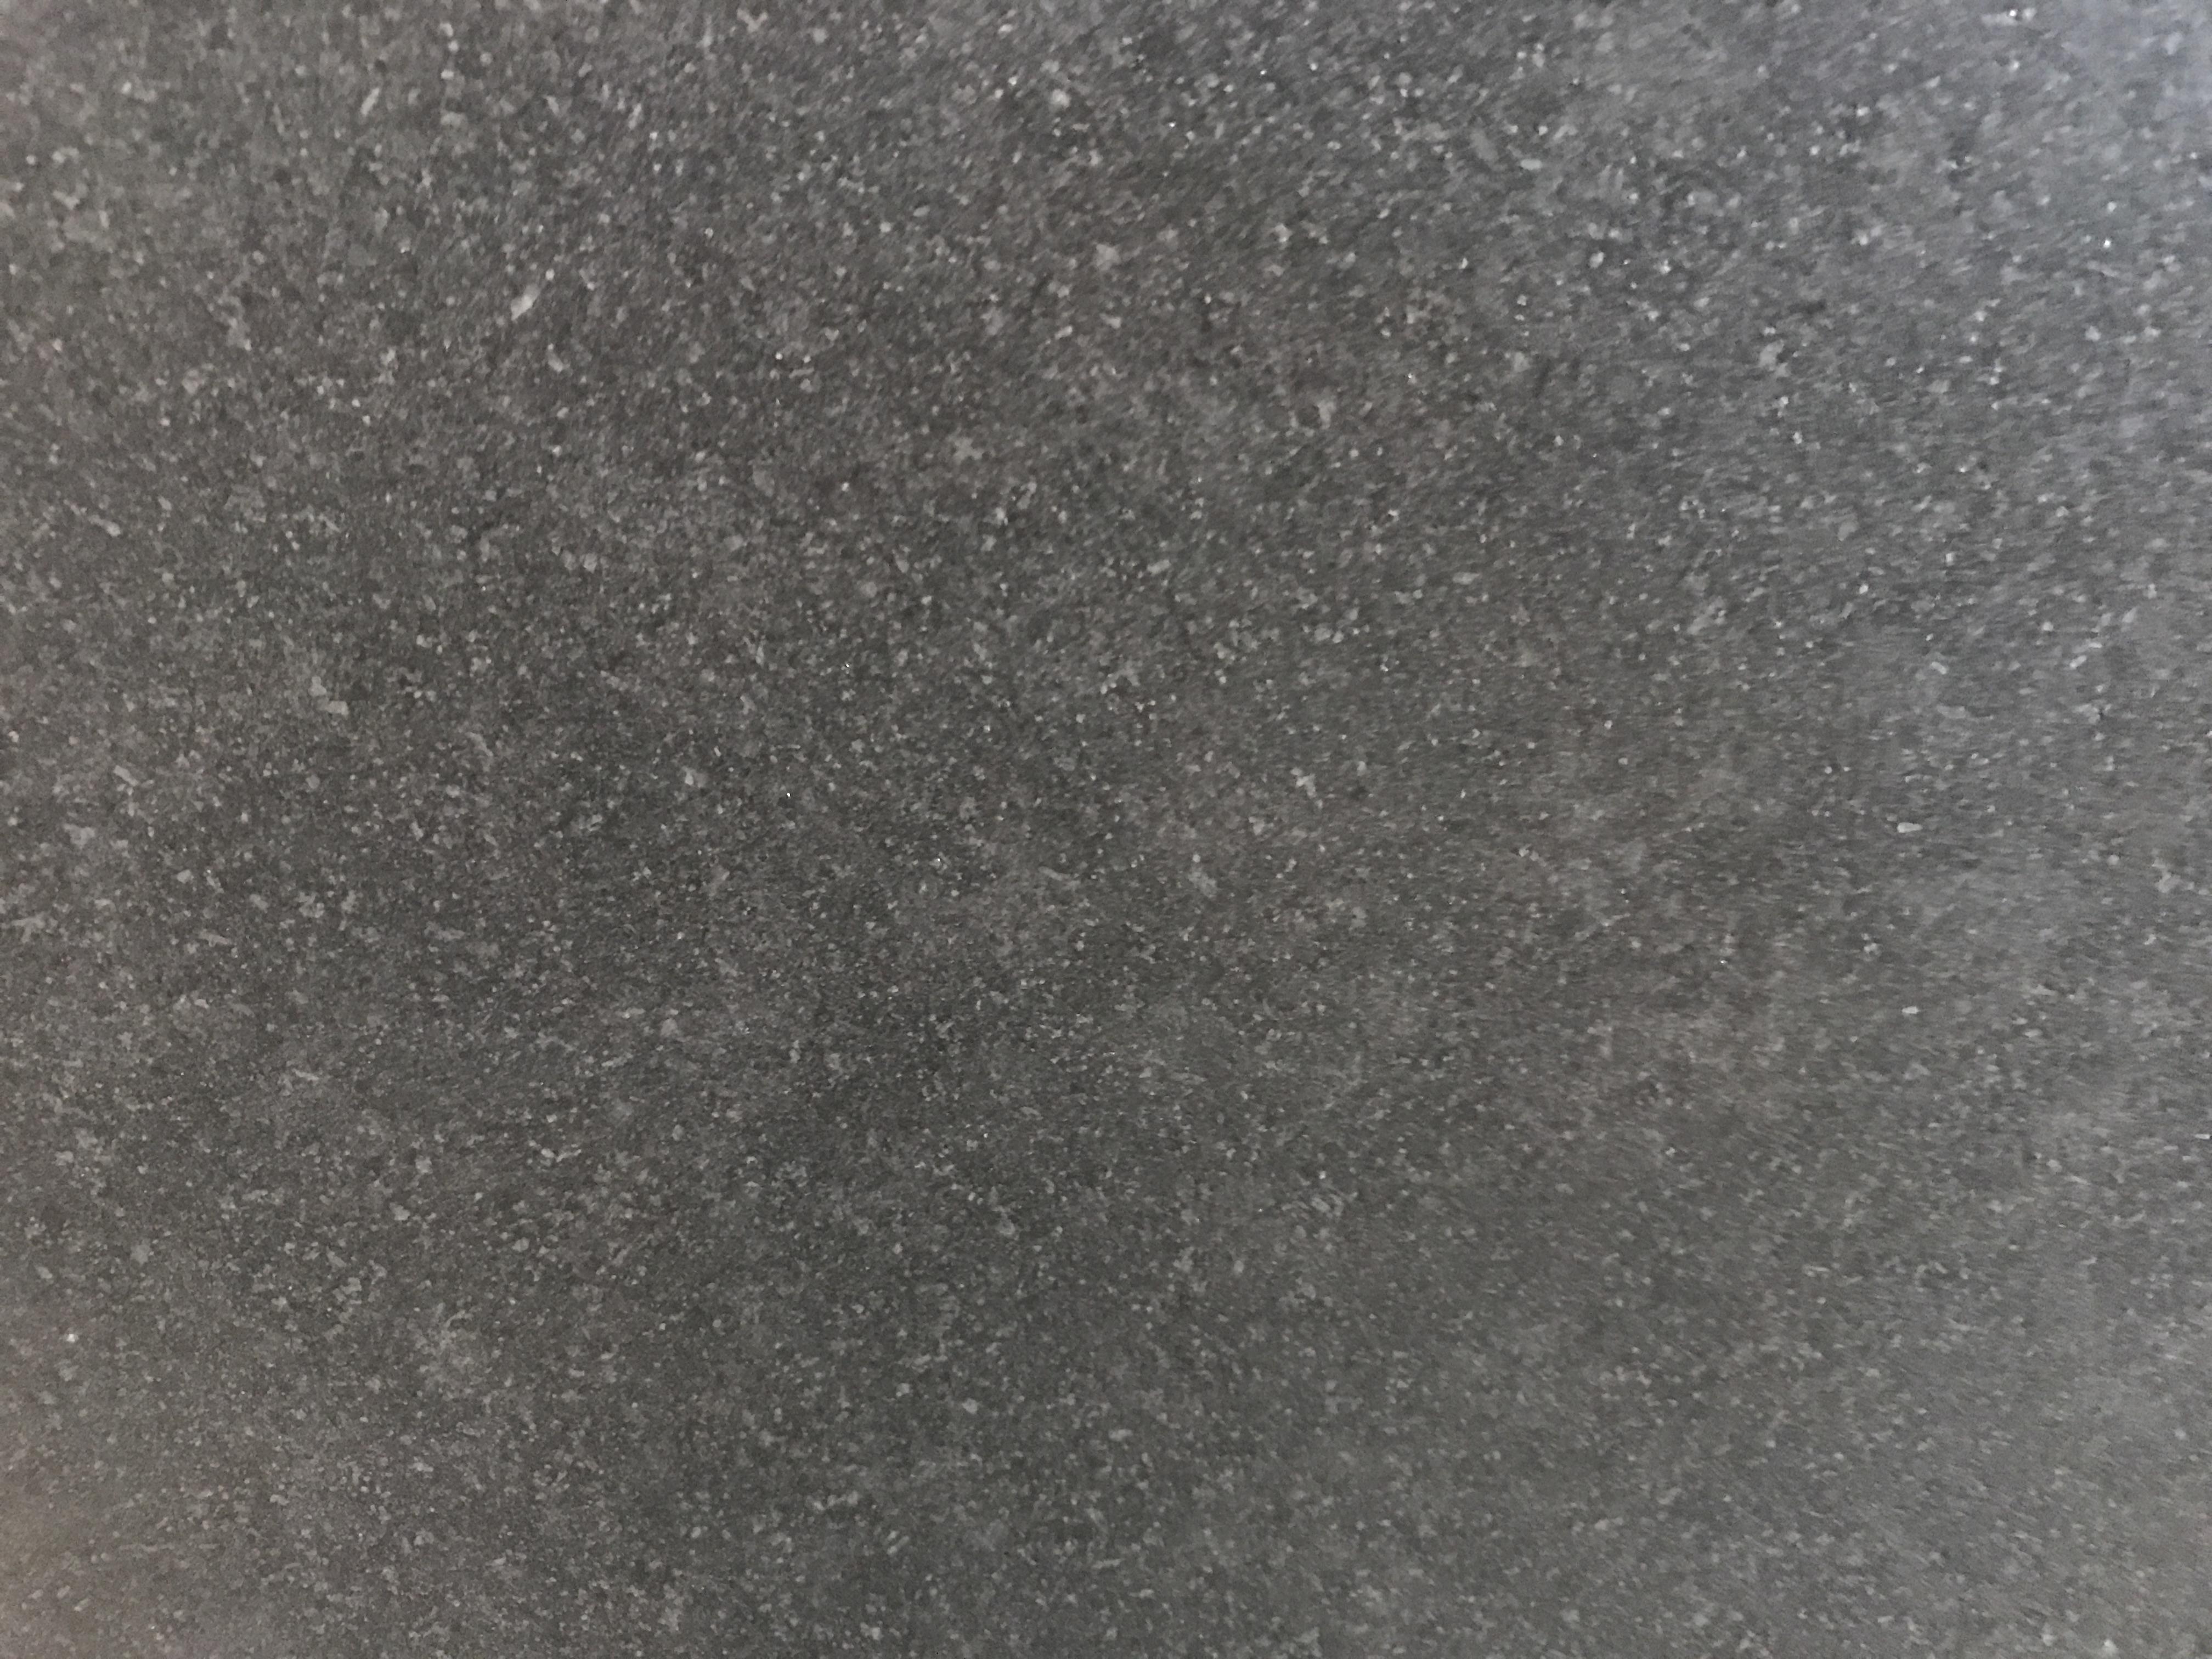 Nero Assoluto Granit nero assoluto fiammato mondial granit s p a